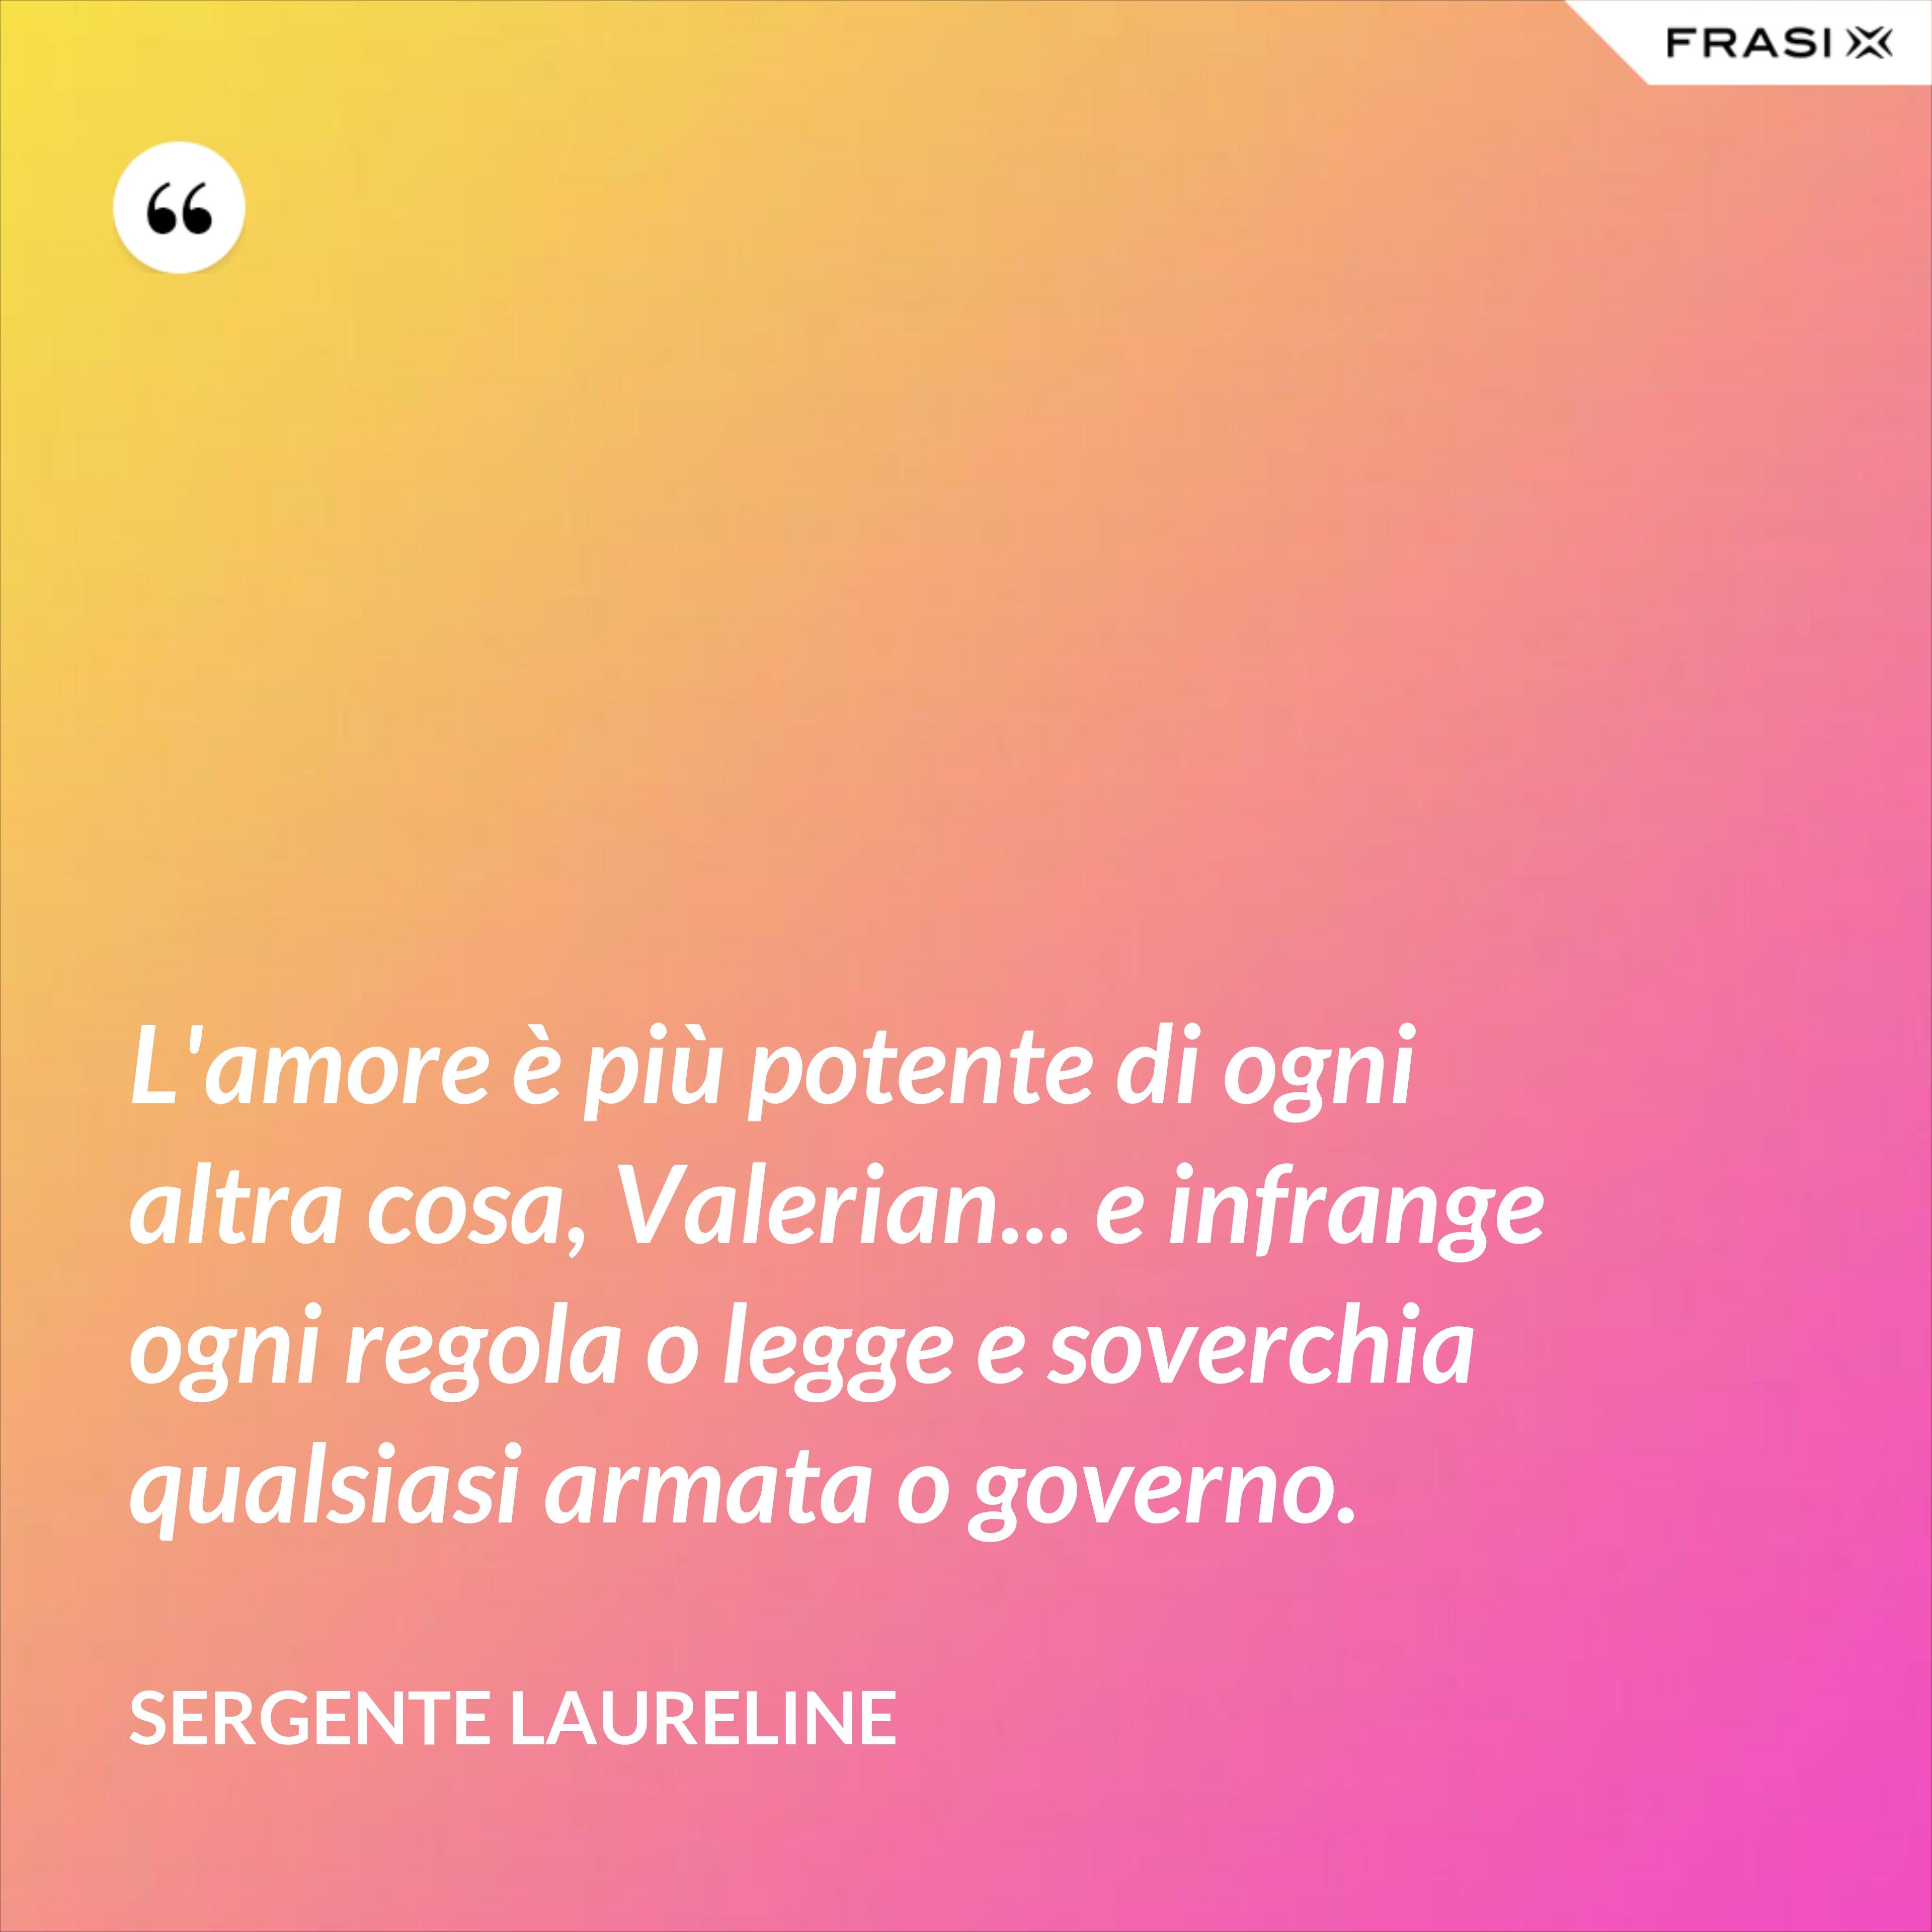 L'amore è più potente di ogni altra cosa, Valerian... e infrange ogni regola o legge e soverchia qualsiasi armata o governo. - Sergente Laureline